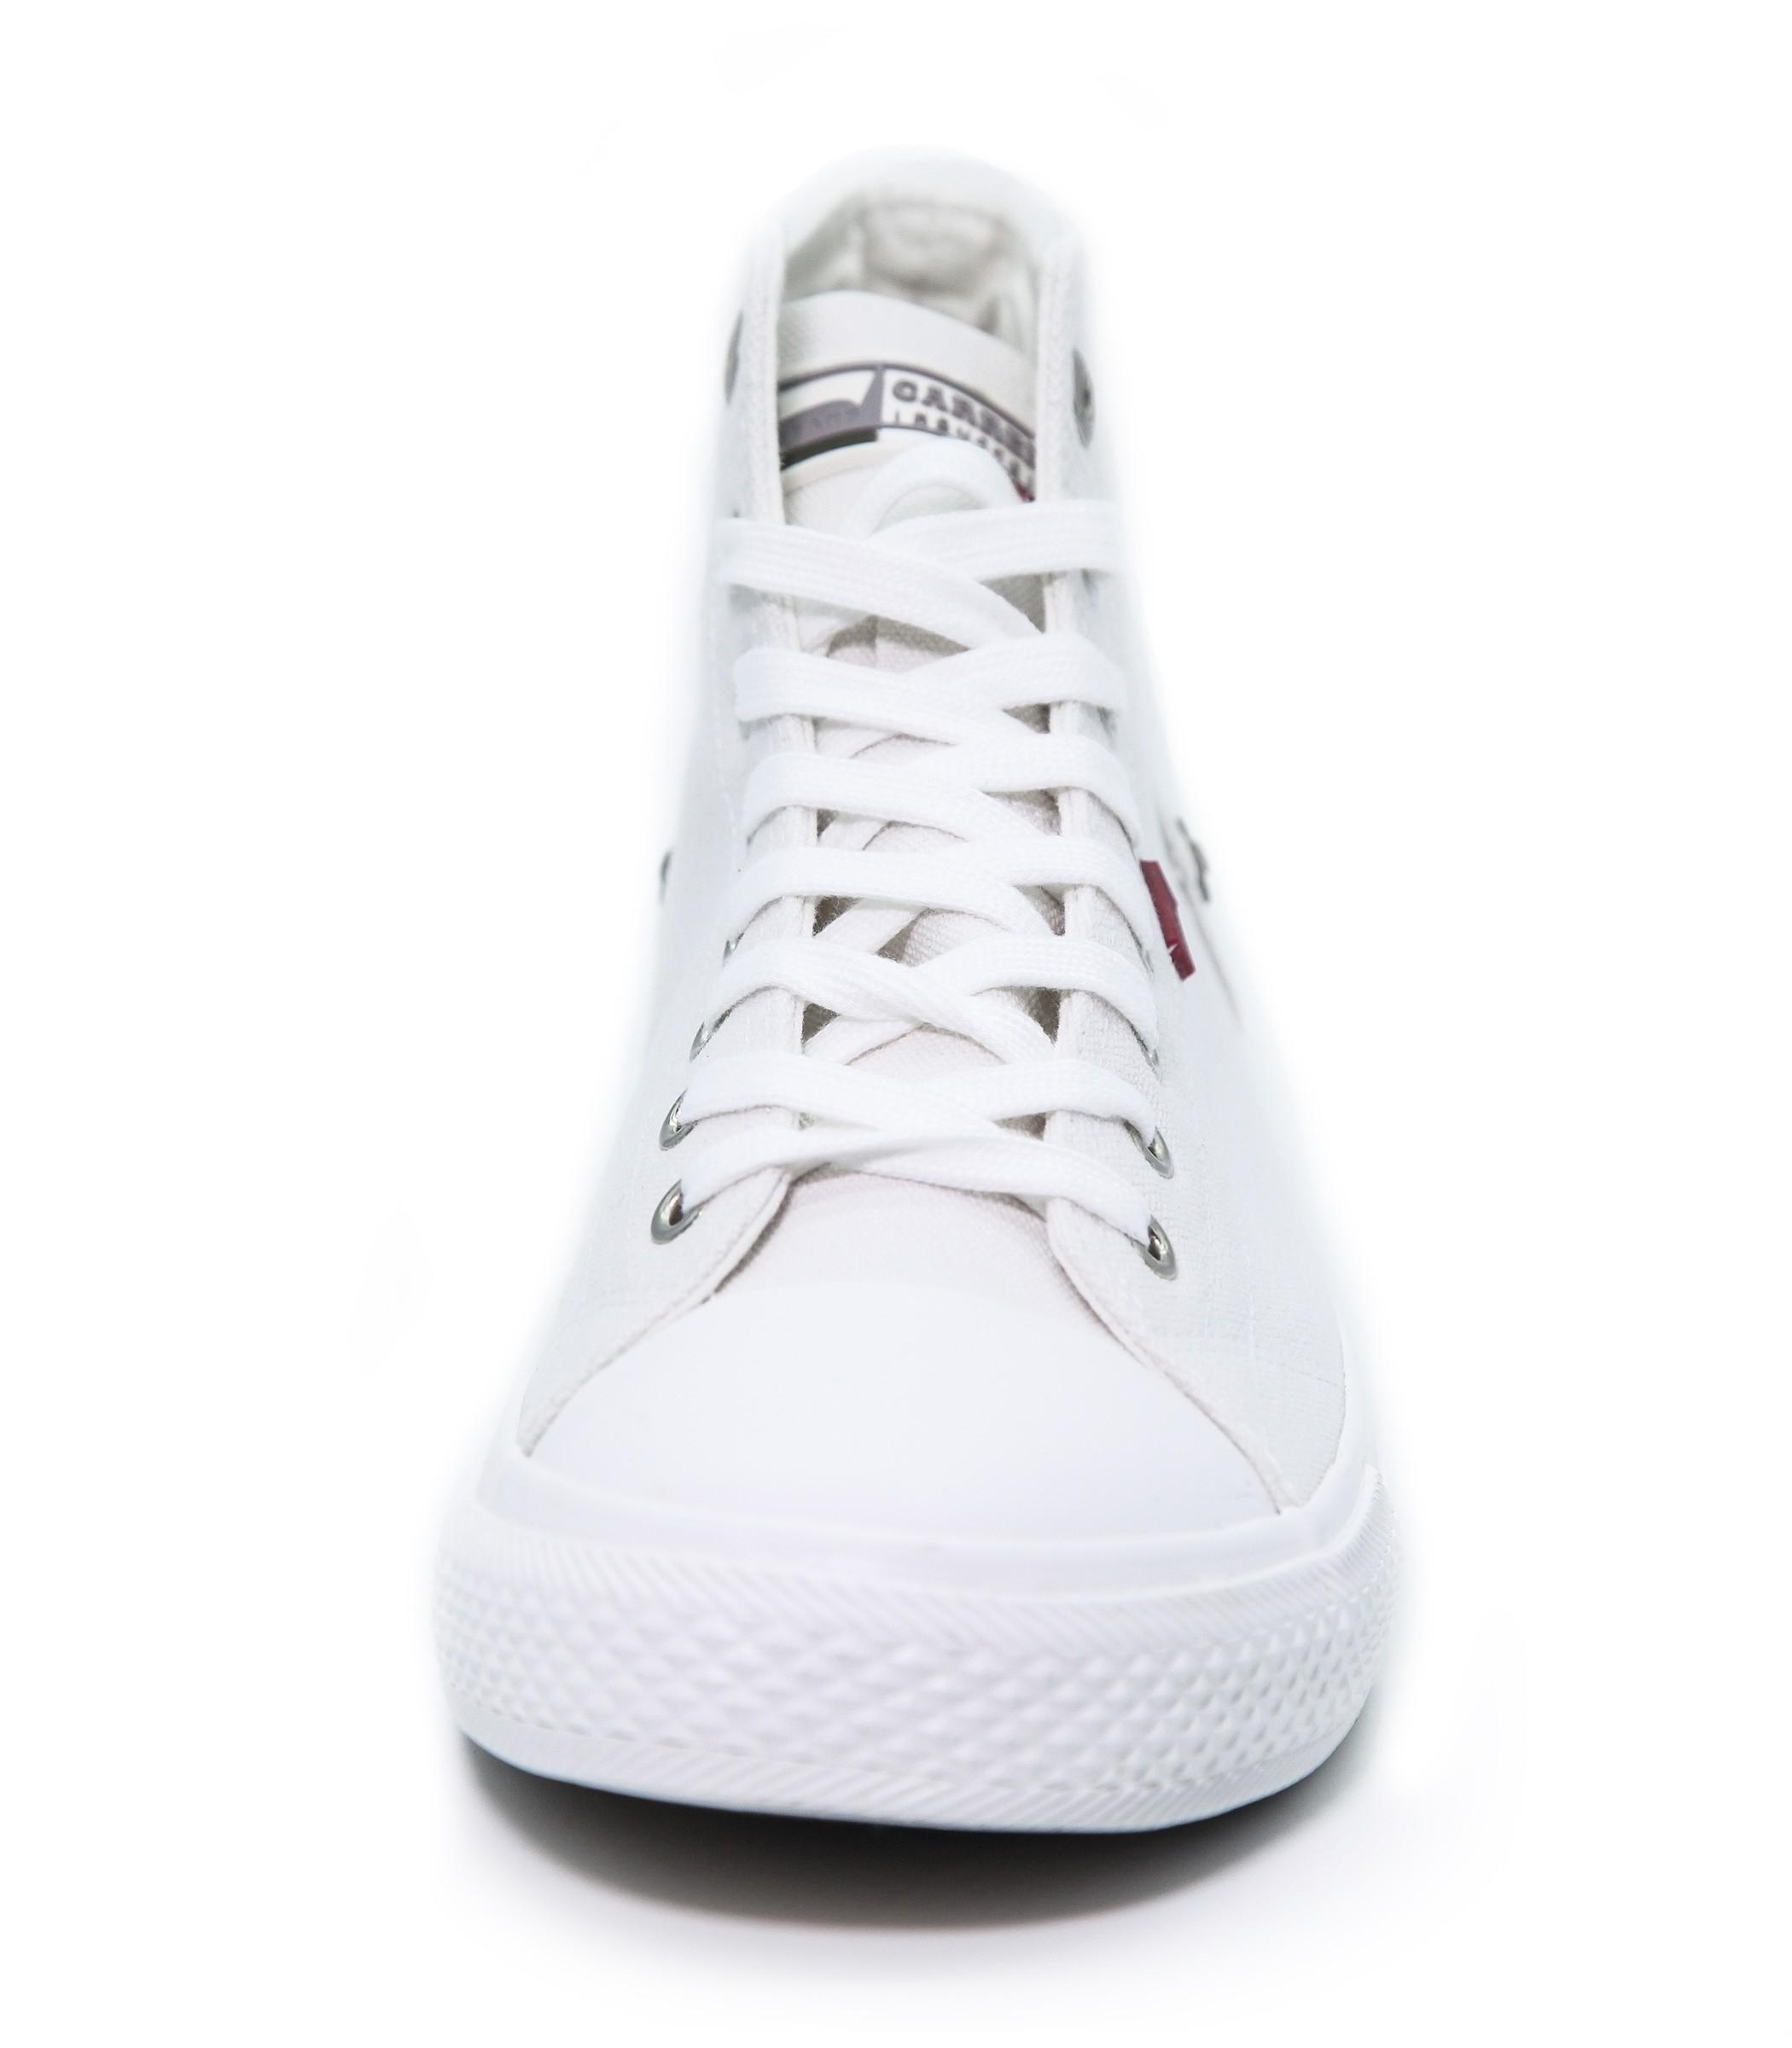 Scarpe In Bianca Uomo Alte Sneakers Tela Carrera Ginnastica Da Jc1lKF5uT3